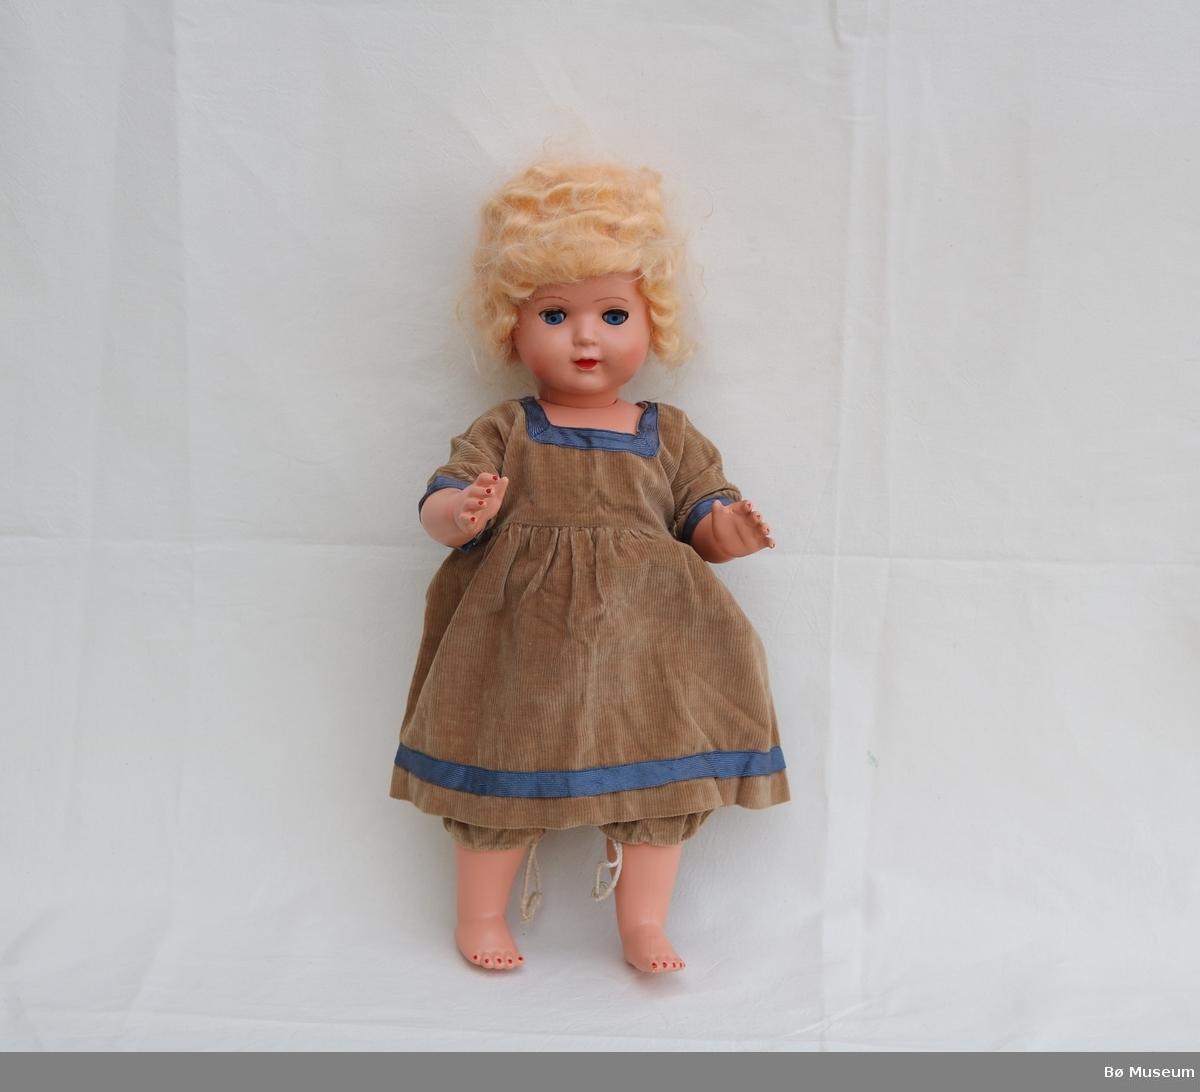 Sovedokke med kjole, bukse og pålimt parykk. Dokka (c) har neglelakk på tær og fingre, leppestift, og pålimte augevipper. Det er strikk i hofteledda og skulderledda. Kjolen (a) har høgt liv, korte ermer og firkanta hals. Det er påsydd band rundt halsen, armane og nederst på kjolen. Det er tre trykknappar i ryggen. Sikkerhetsnål der ein knapp kan ha losna. Buksa (b) har snor og løpegang i livet og og beina.